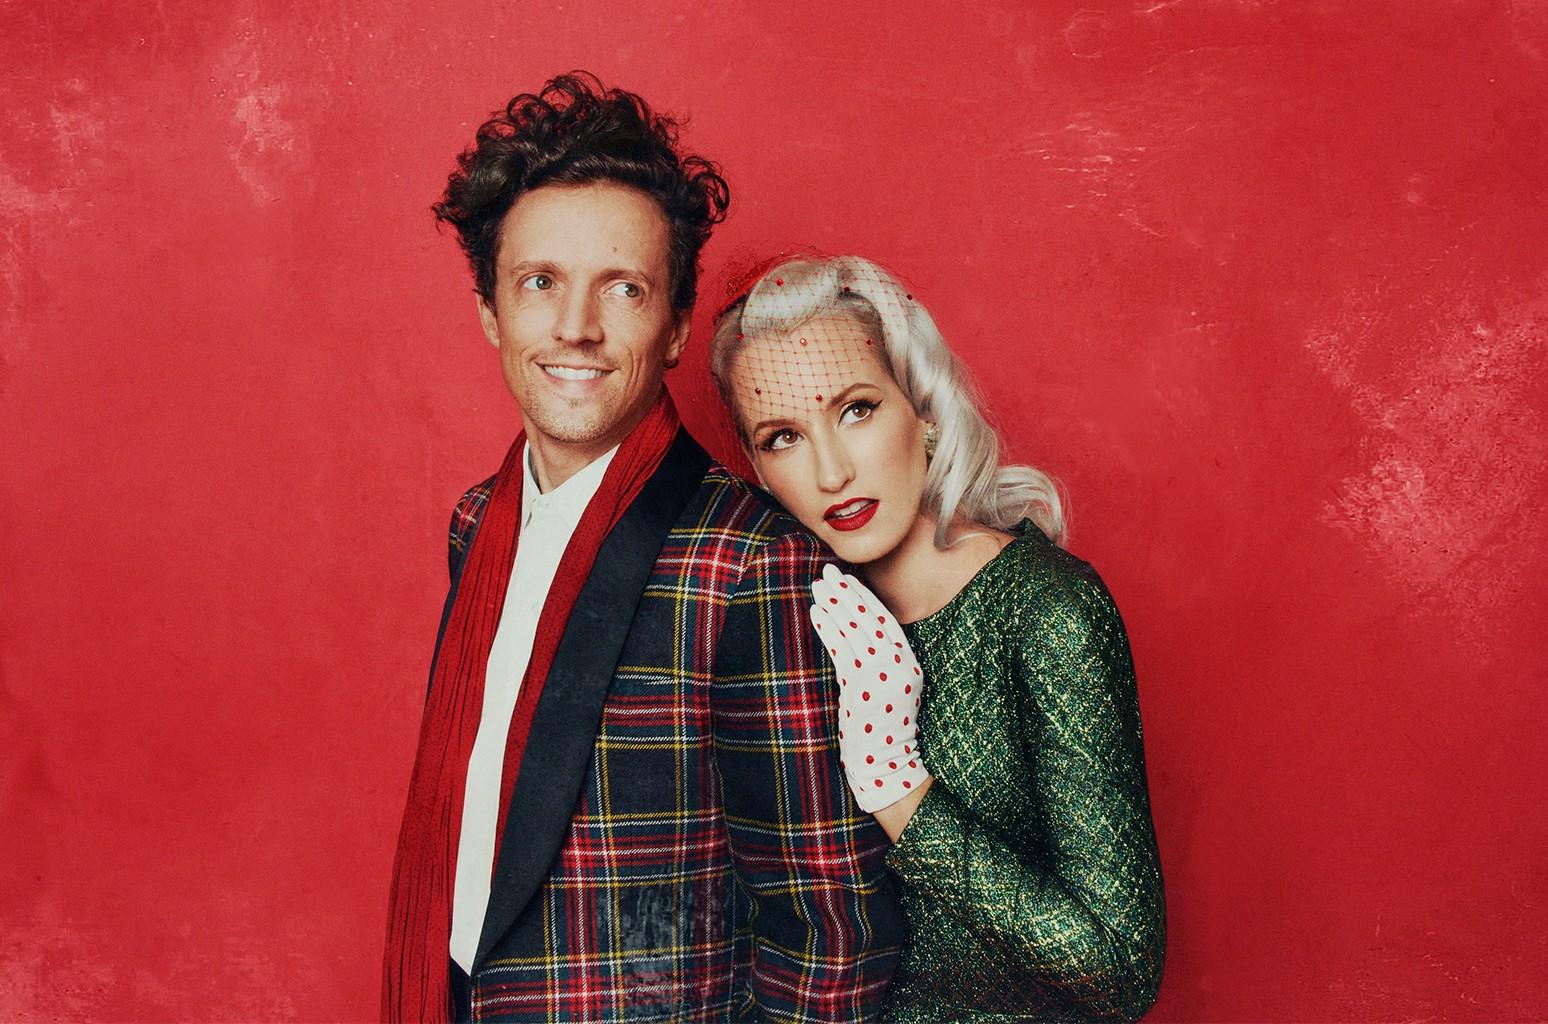 Jason Mraz & Ingrid Michaelson